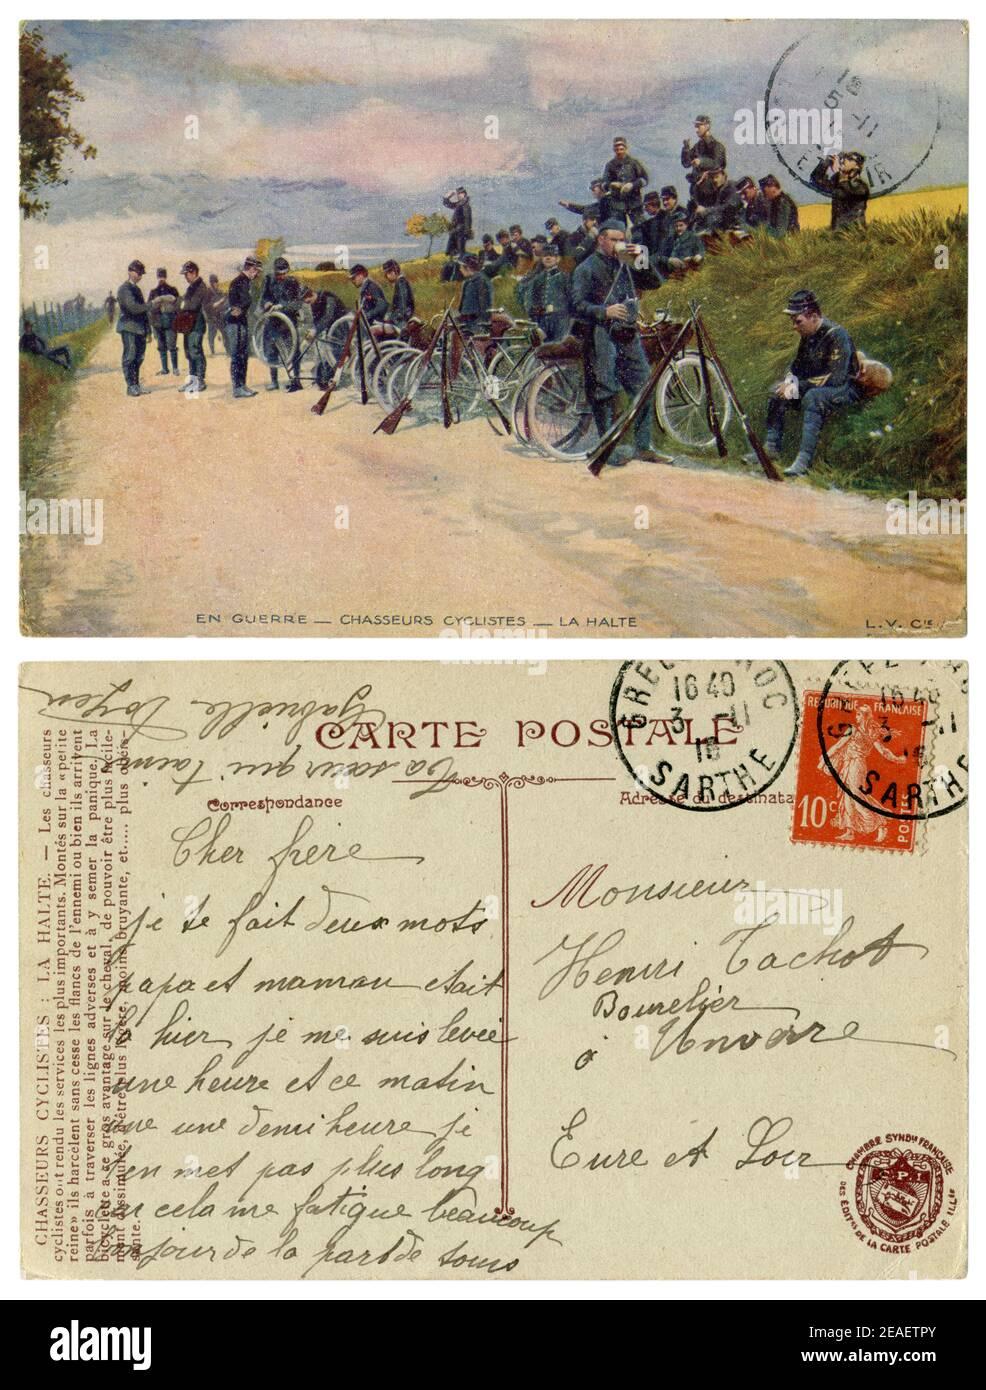 Carte postale historique française : unité Bicycle chasseur à l'arrêt sur le côté de la route. Les soldats boivent du thé à côté de leurs vélos. Guerre mondiale I 1914-1918 Banque D'Images